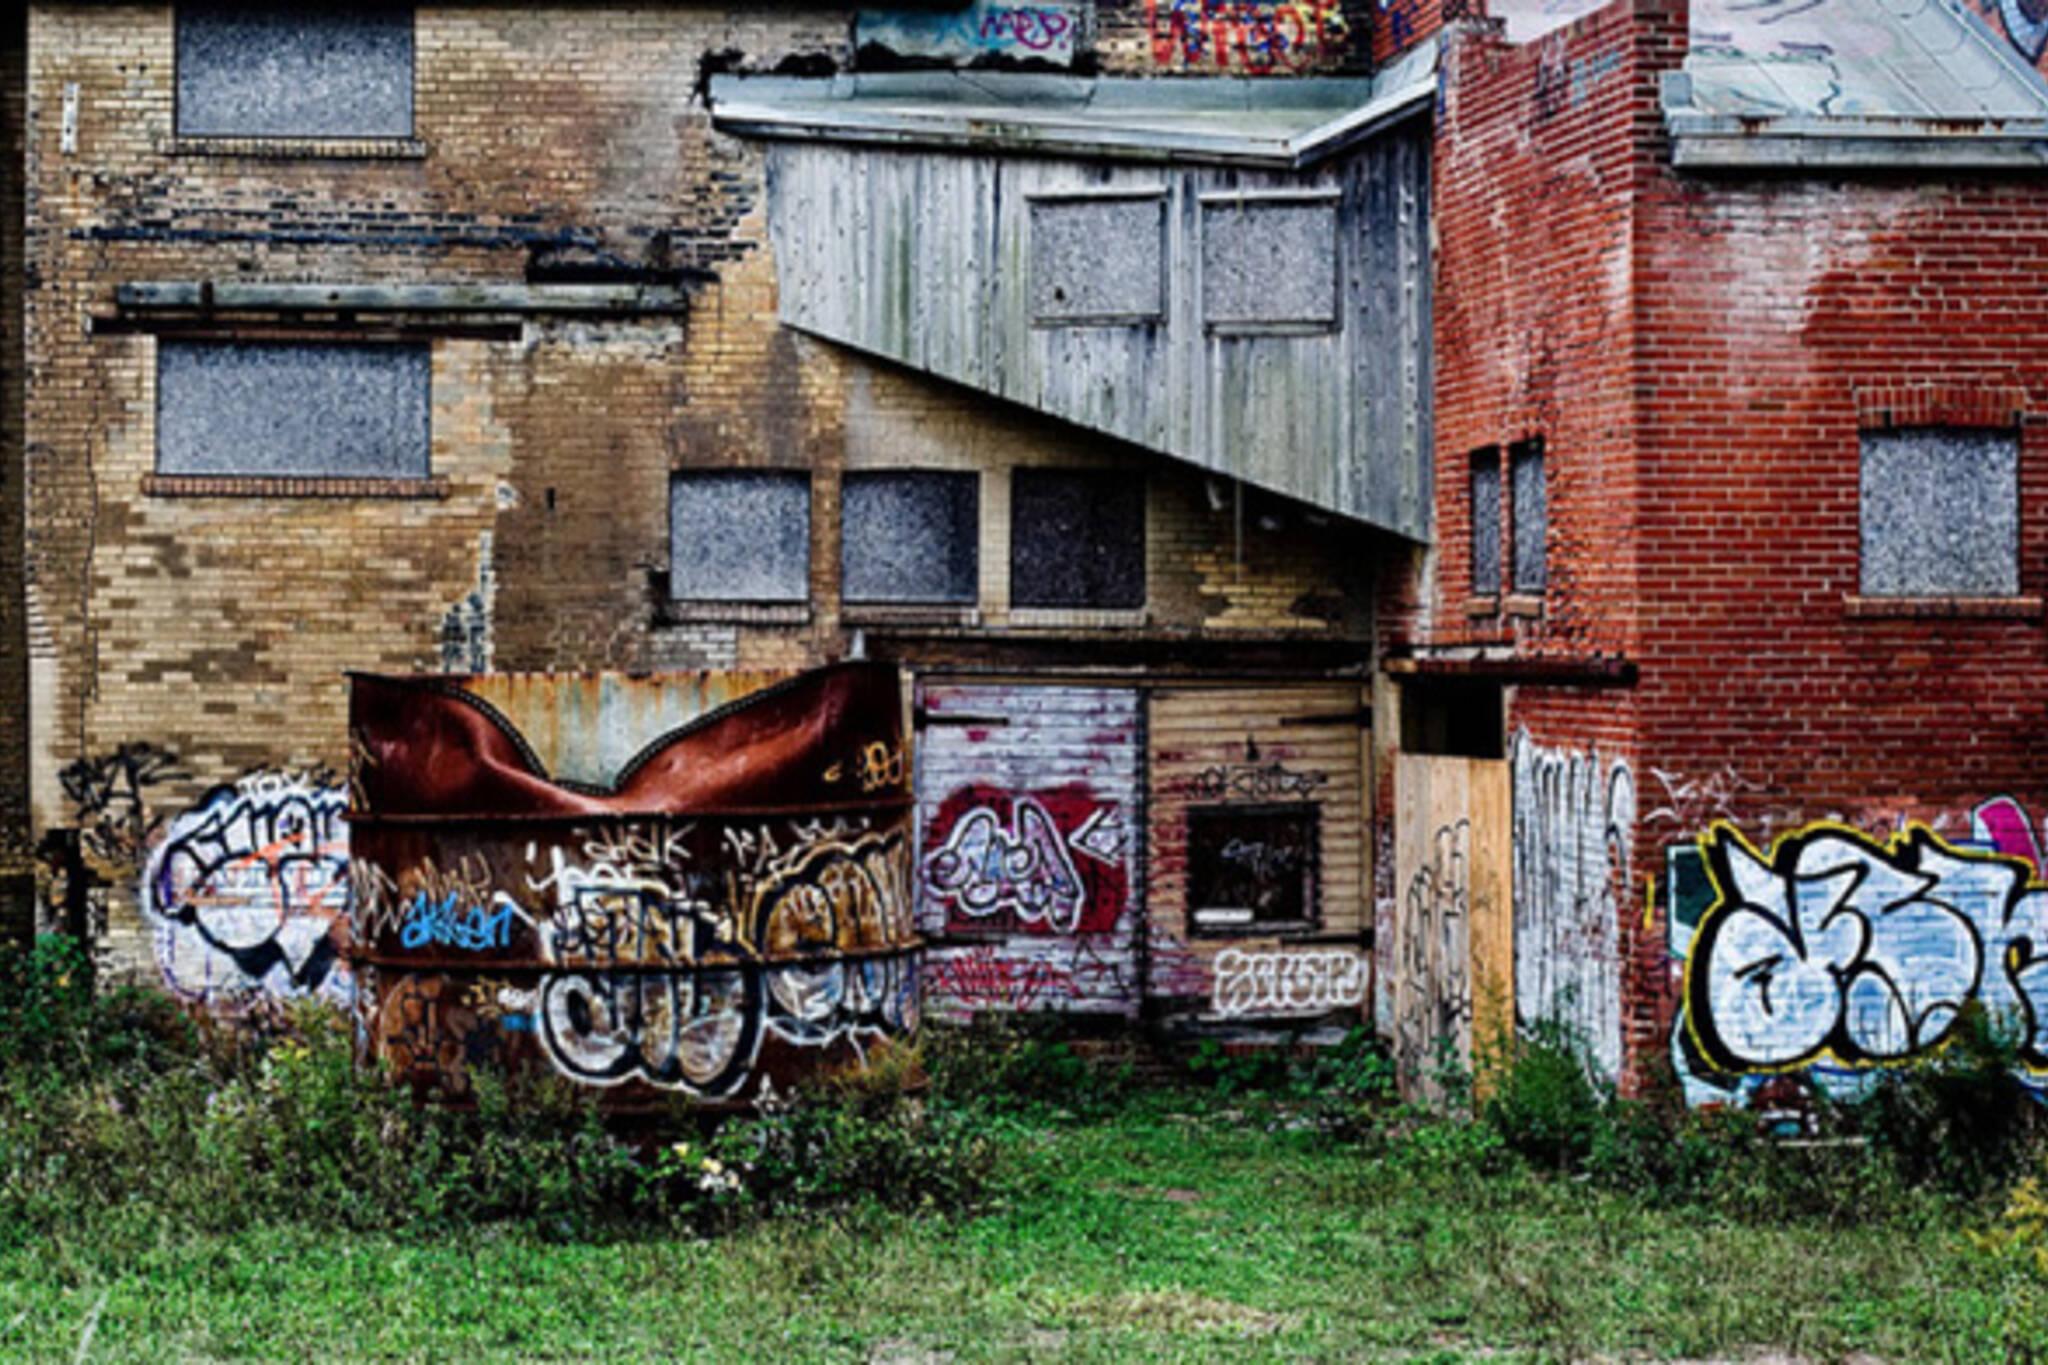 Graffiti wall toronto downtown - Graffiti Brick Works Toronto